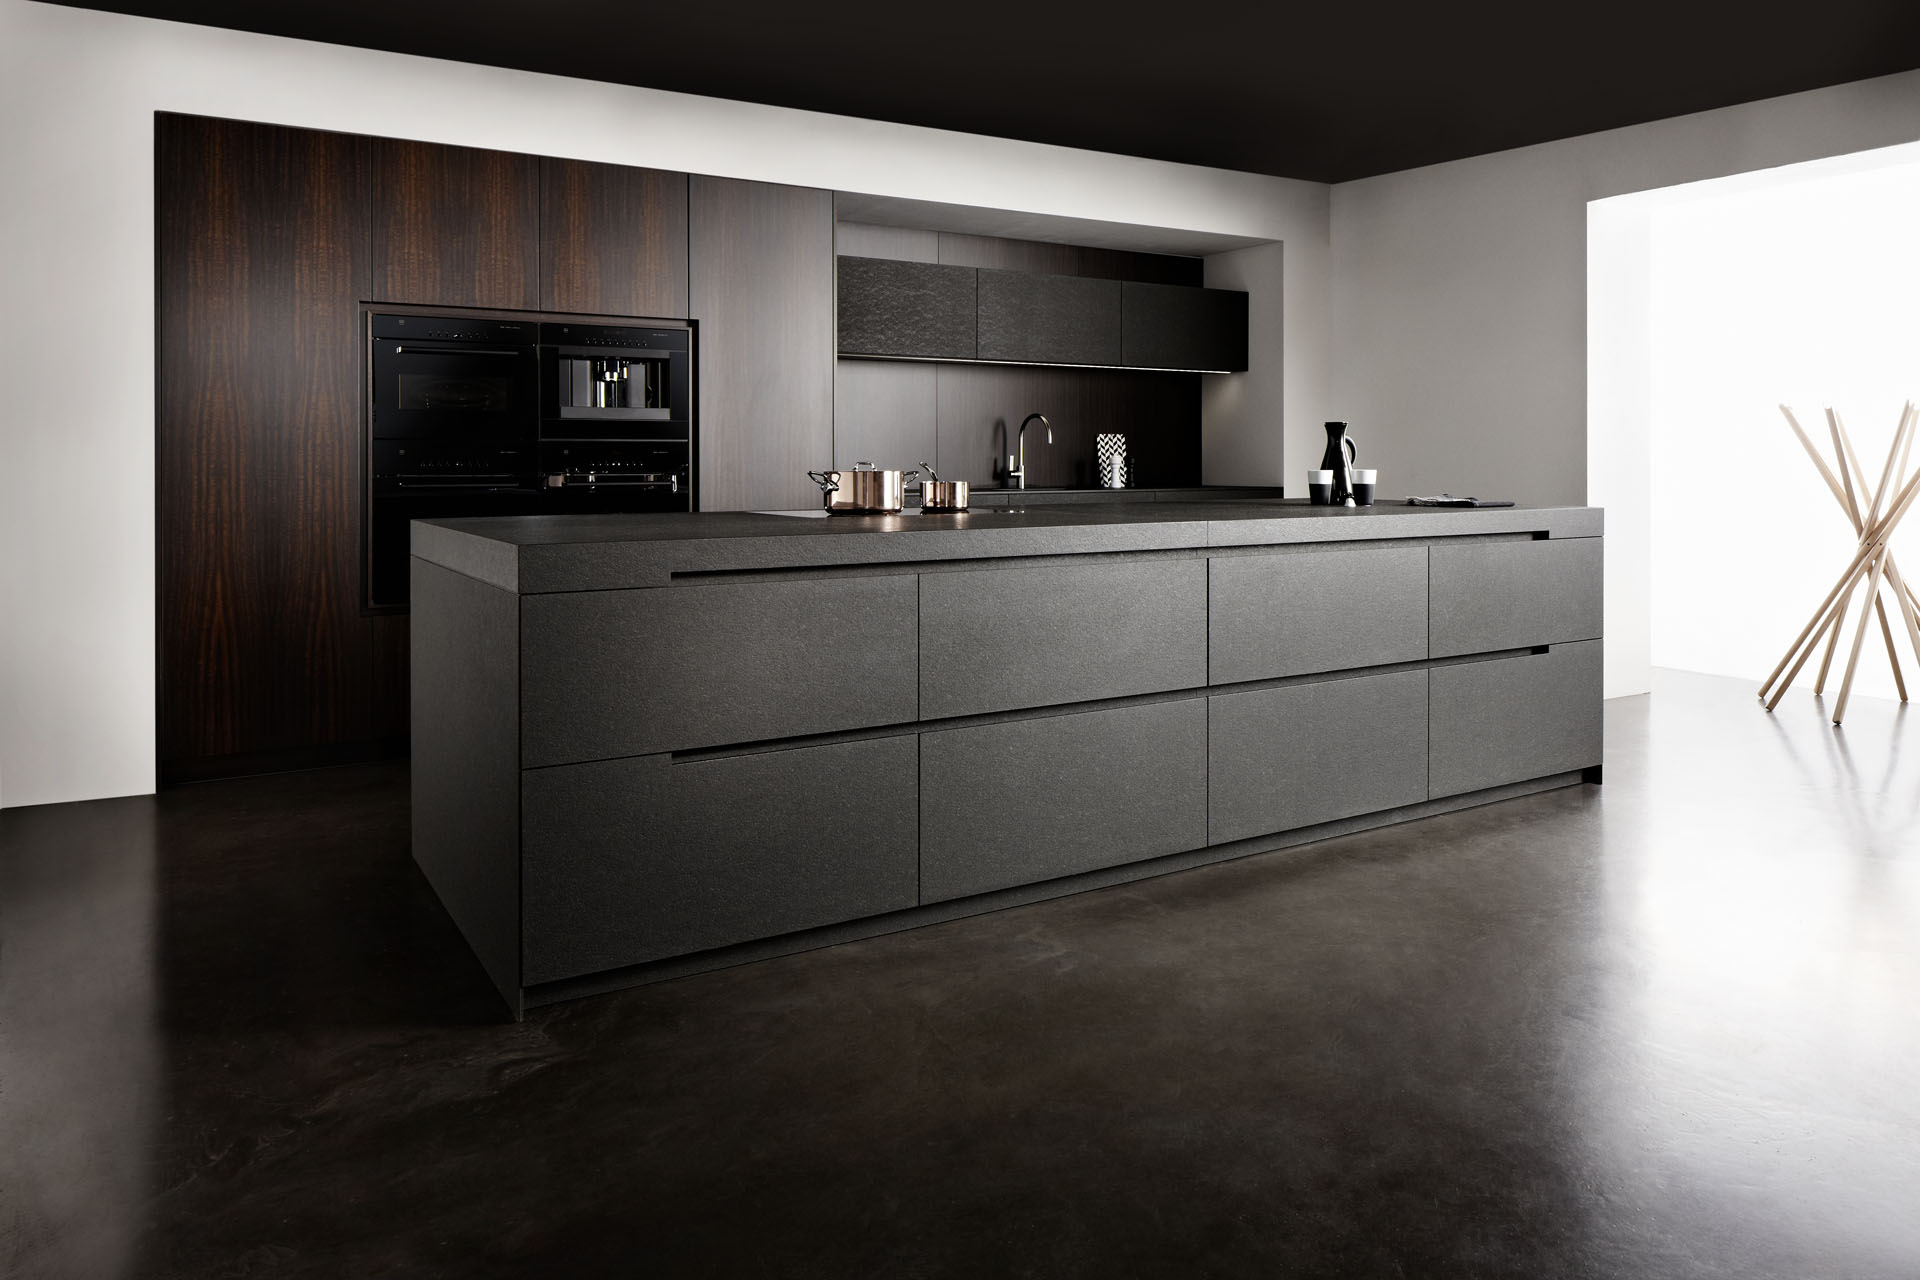 Zwarte keuken kit u informatie over de keuken